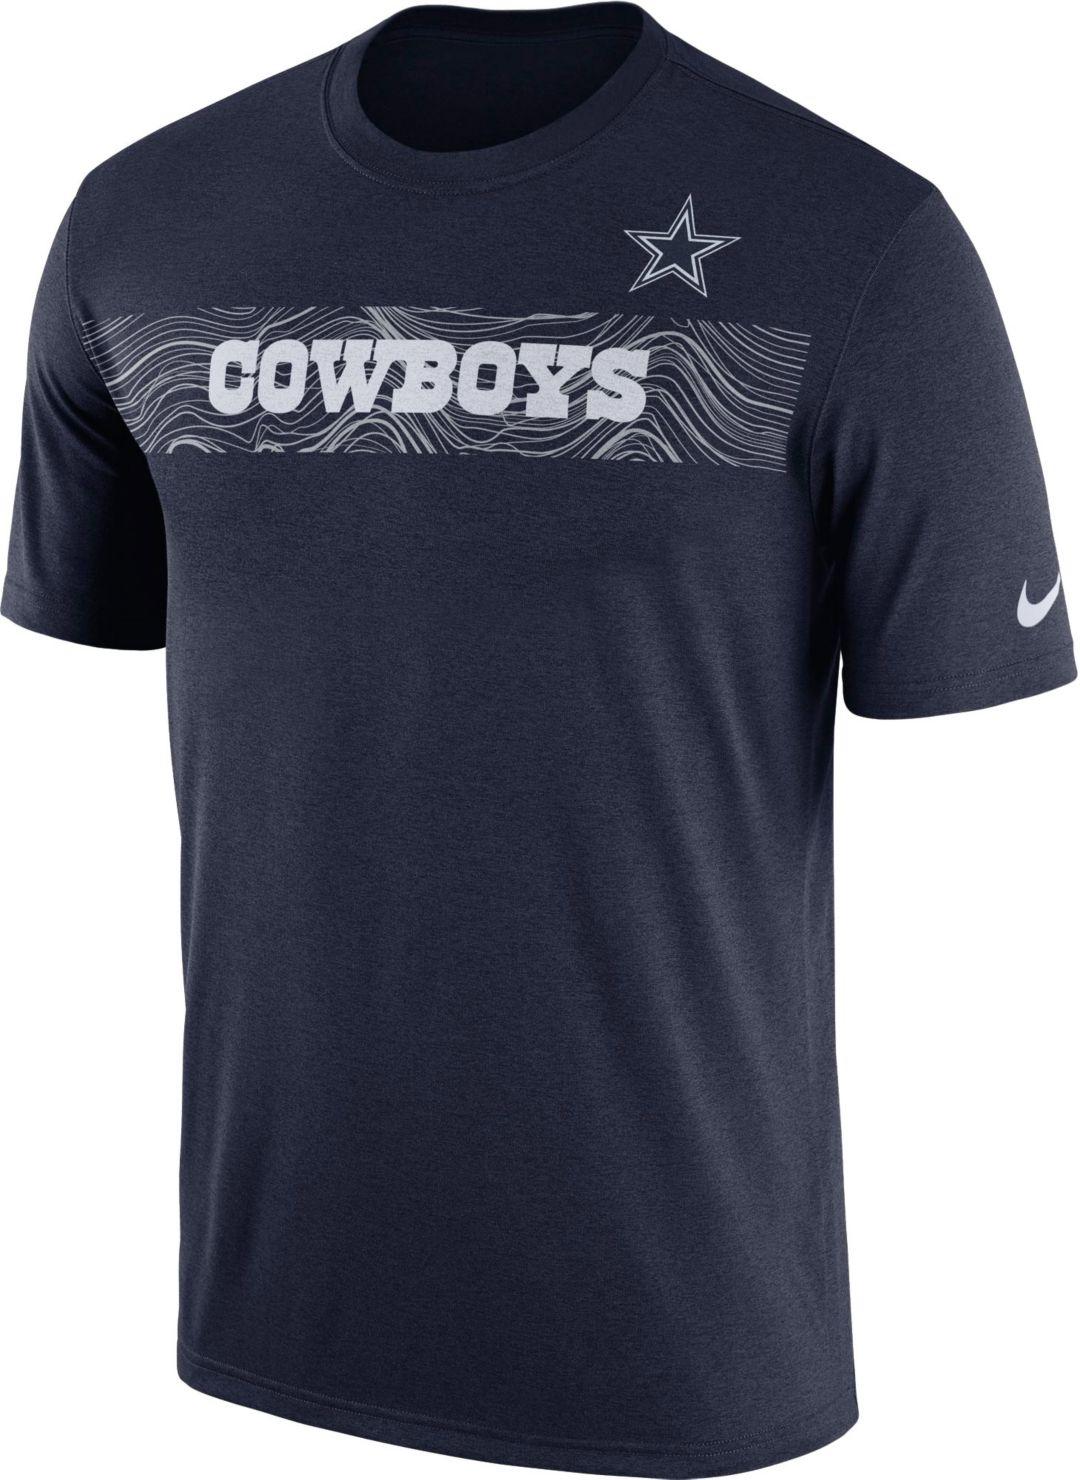 9c86a16d Nike Men's Dallas Cowboys Sideline Seismic Legend Performance Navy T-Shirt.  noImageFound. Previous